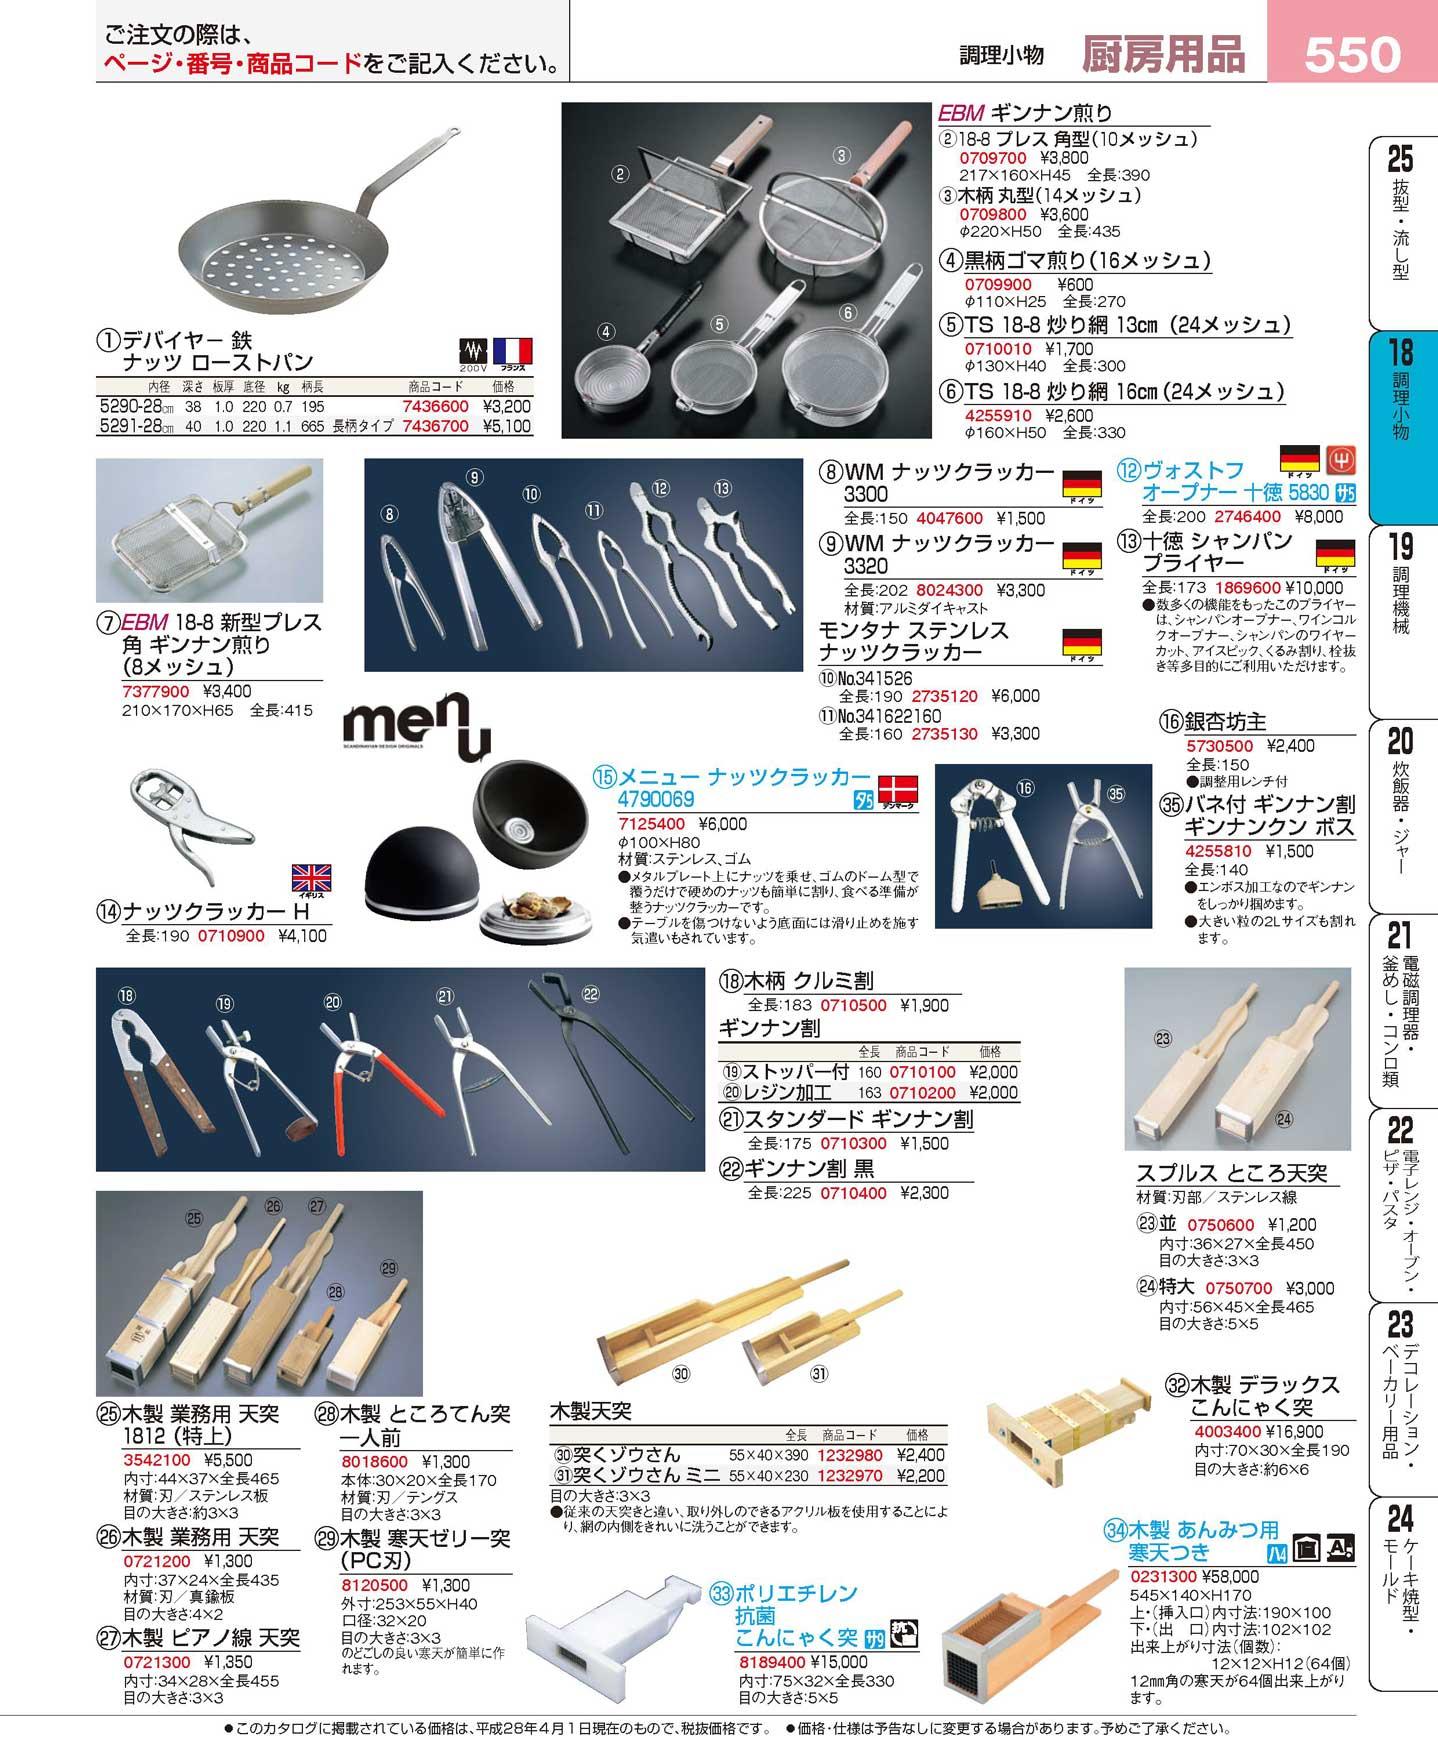 木製 ピアノ線 天突(はごろも)(90)(商品番号0721300)